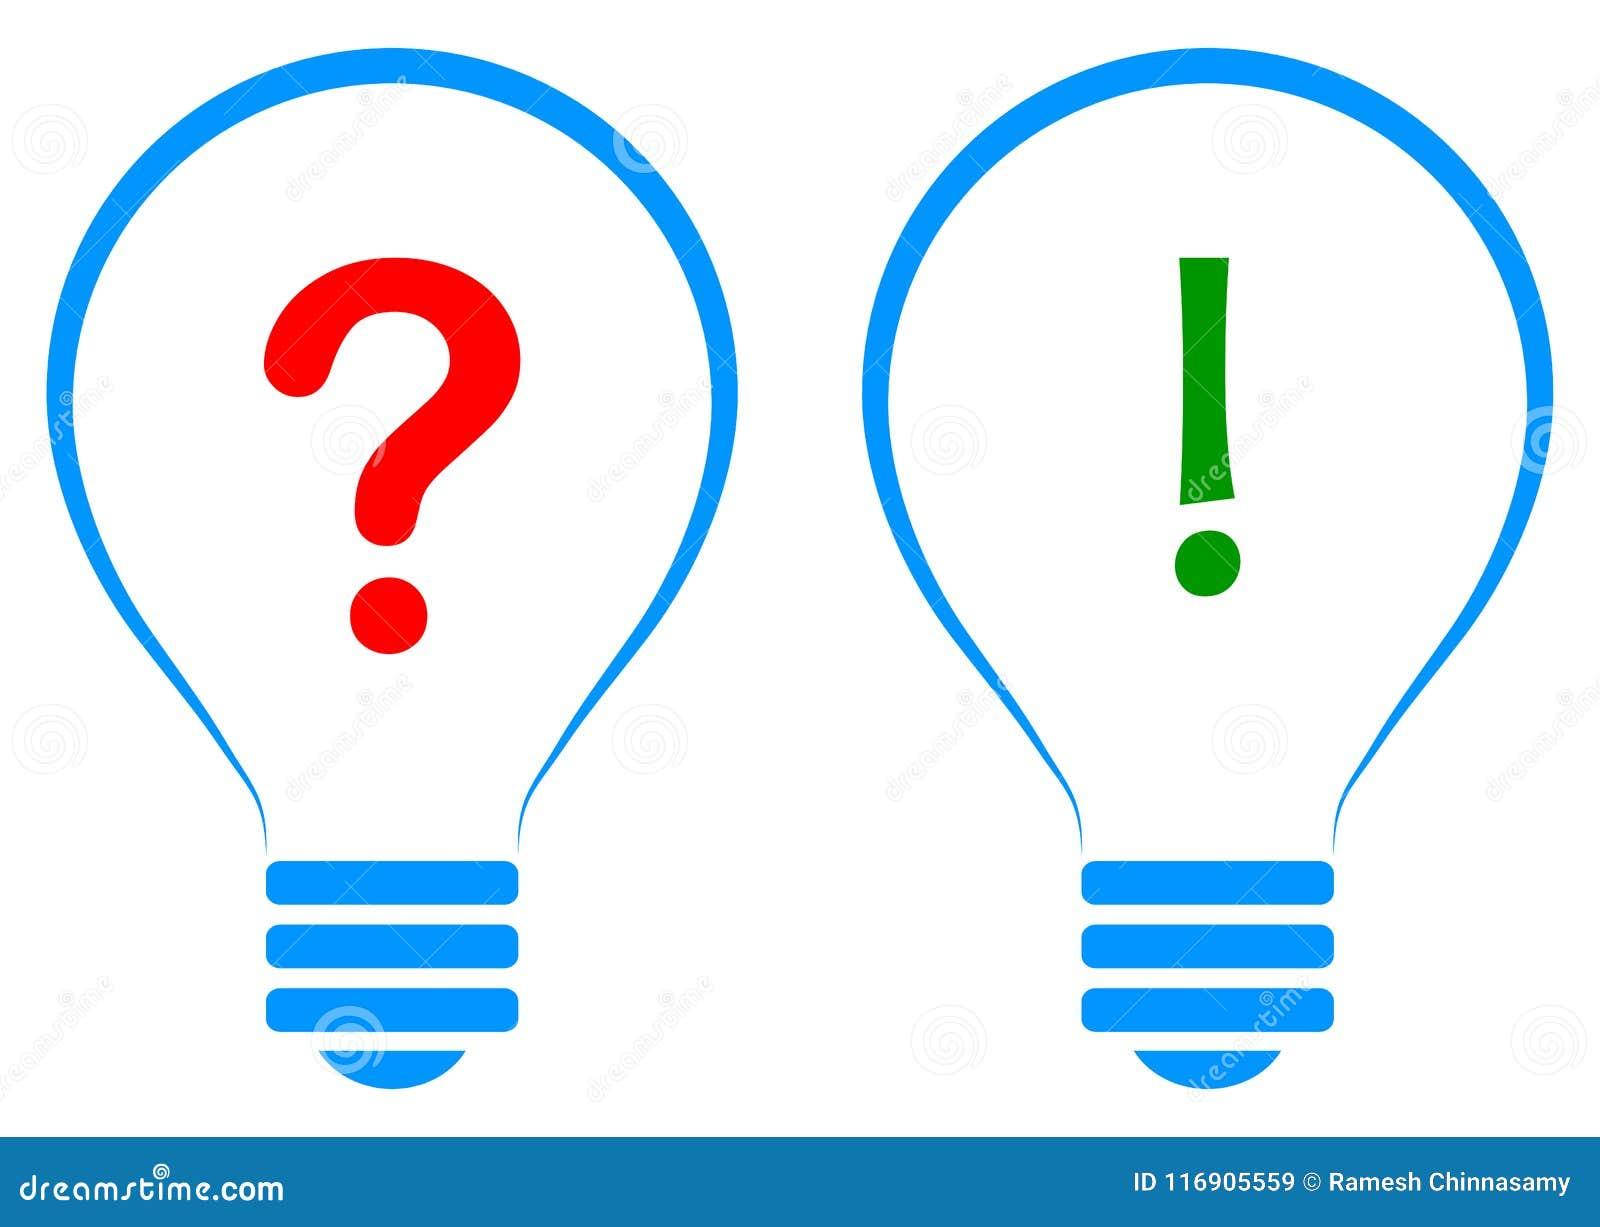 Conceito da solução da ideia da ampola com sinal da pergunta e resposta